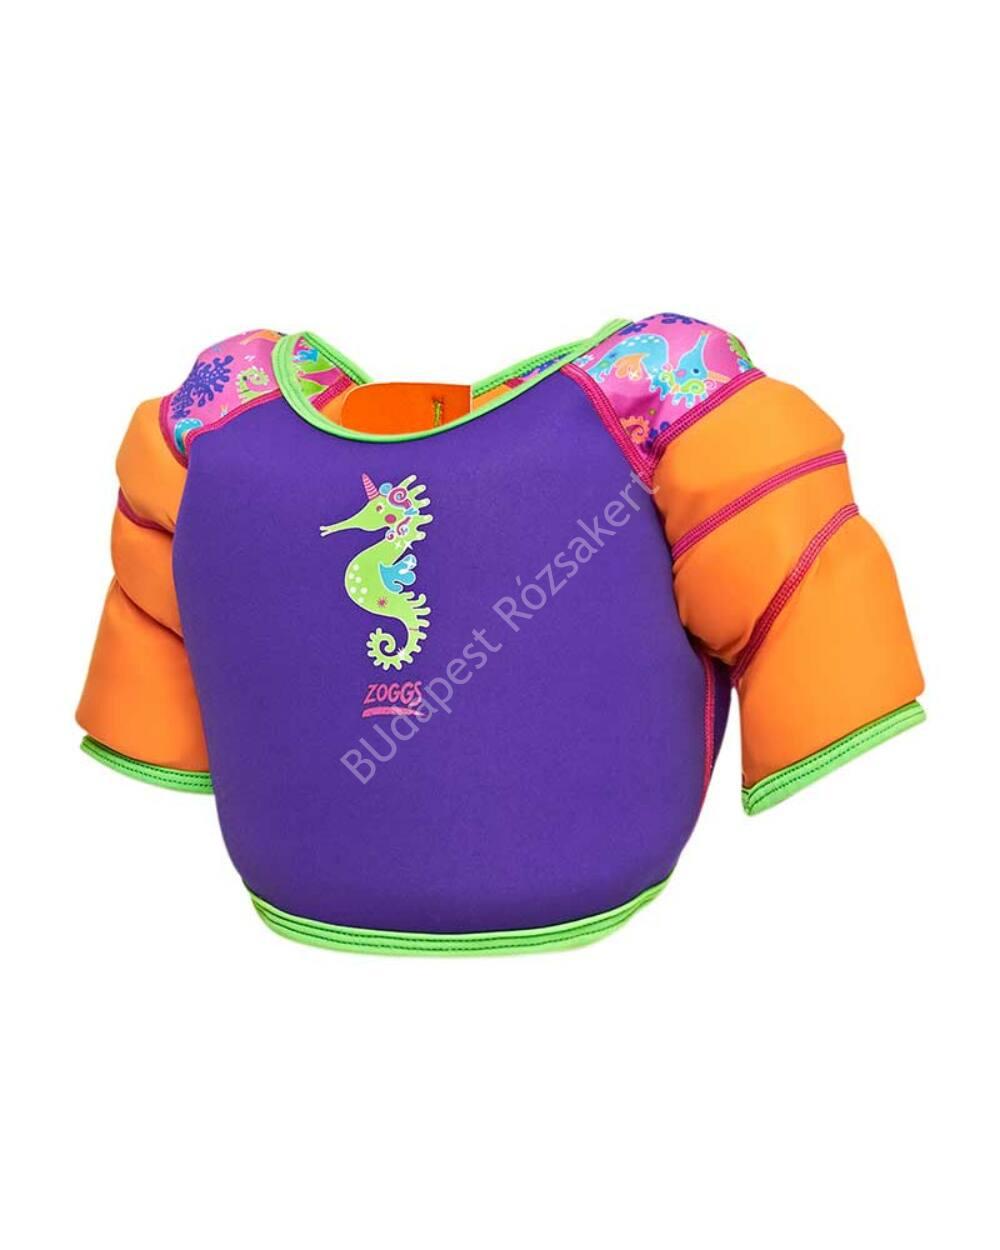 Zoggs Water Wing Vest úszómellény, lila, 4-5 éves